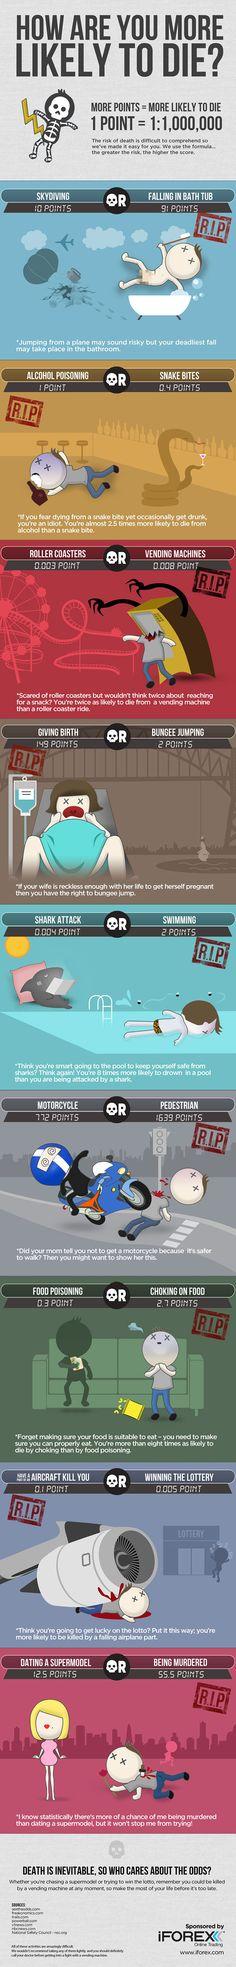 Todesursachen und ihre Wahrscheinlichkeit